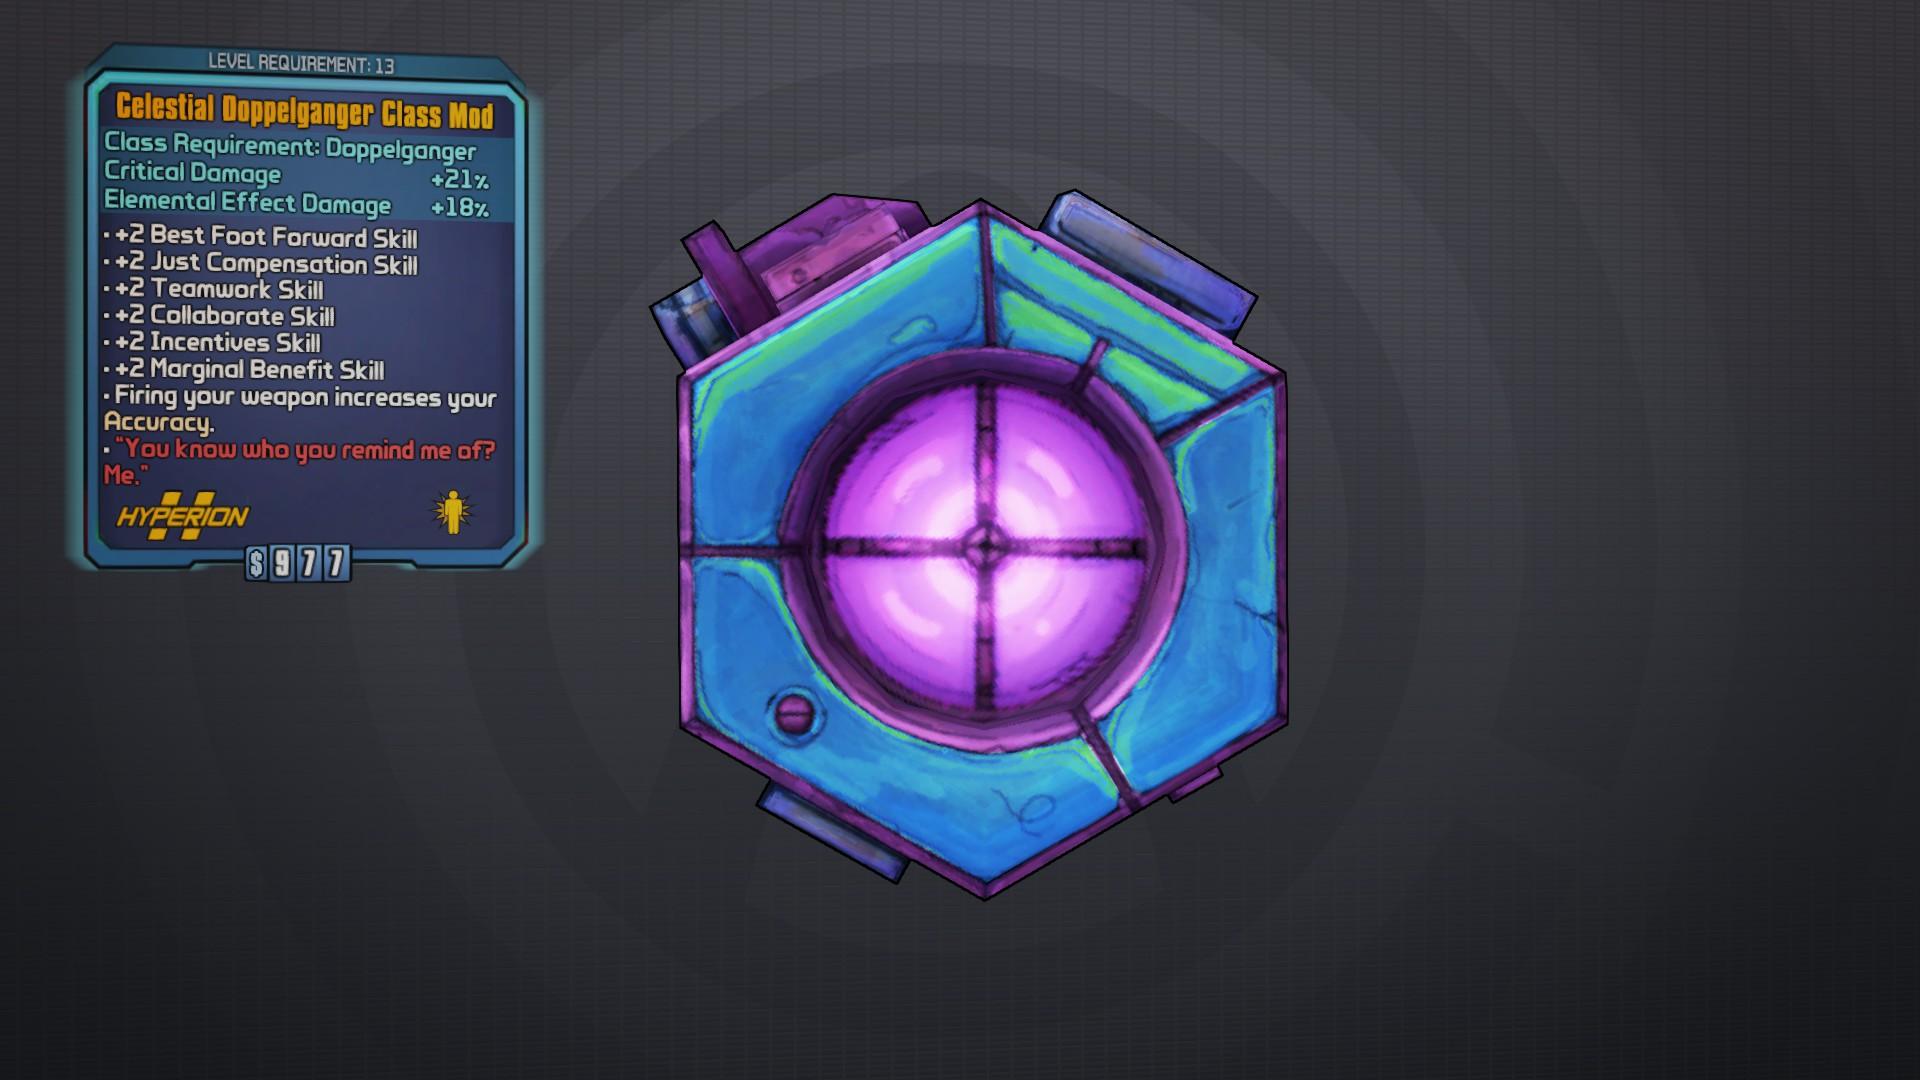 Celestial Doppelganger | Borderlands Wiki | FANDOM powered